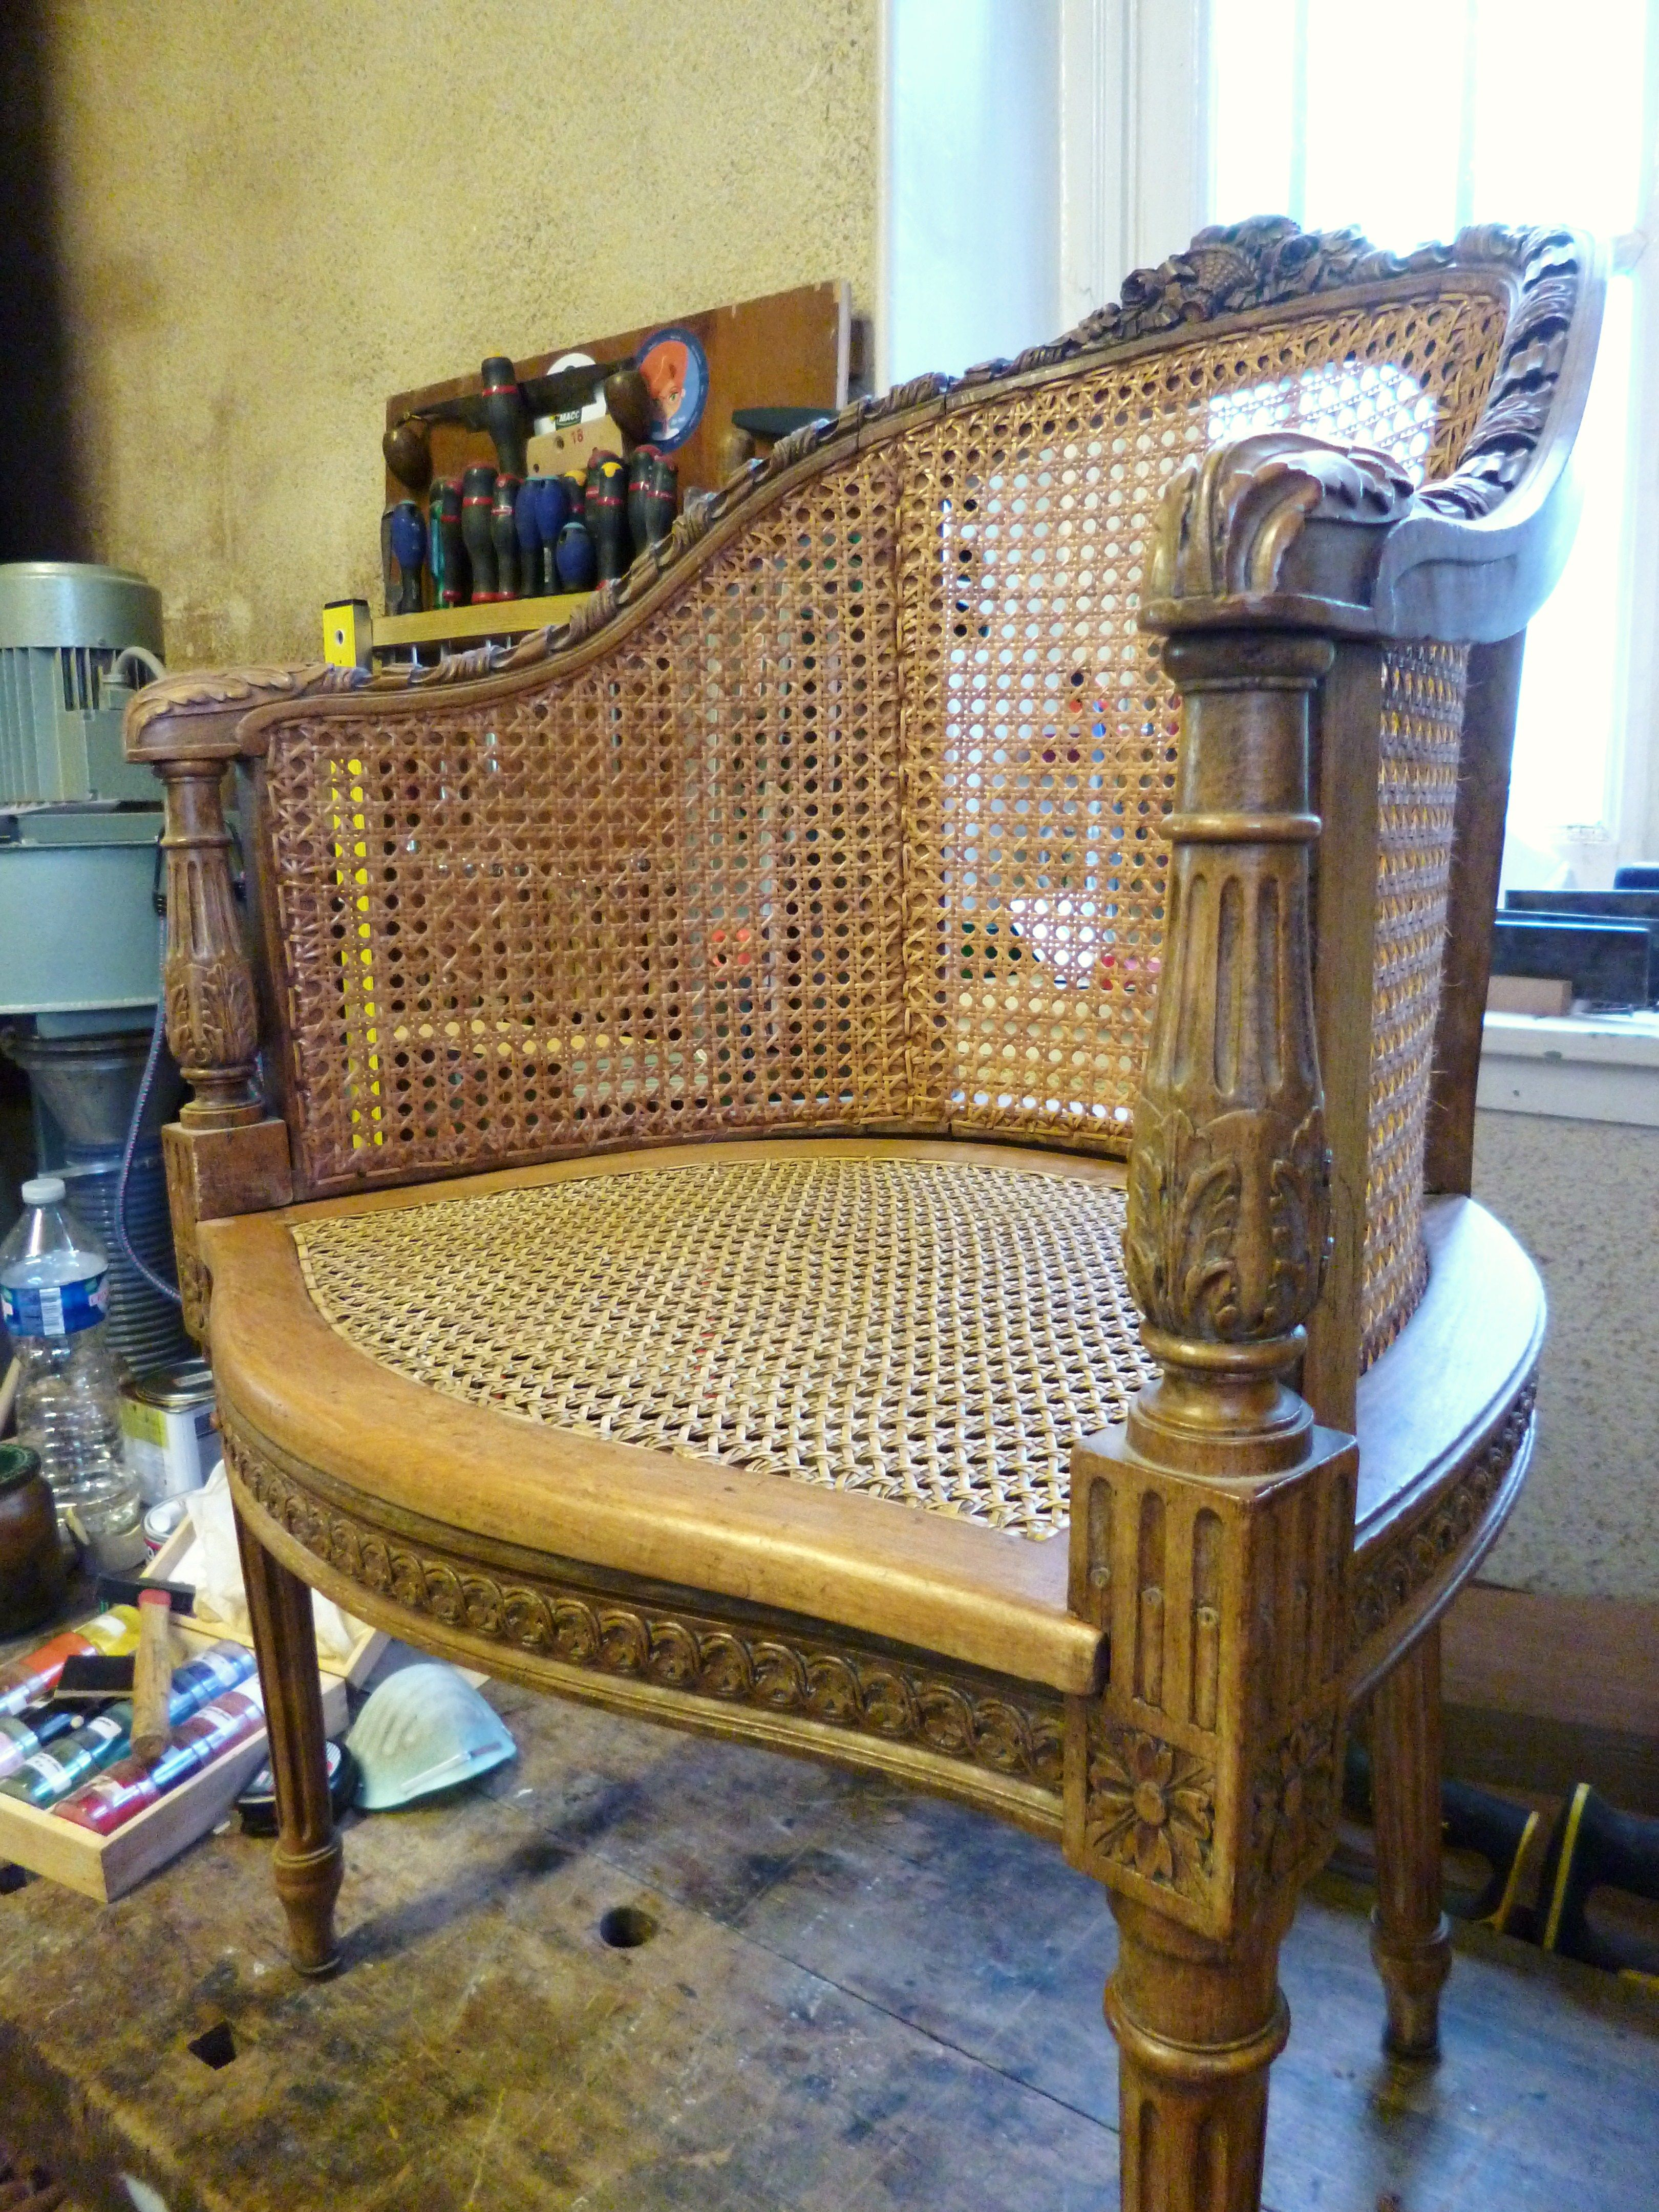 cannage français à 6 brins, fauteuil canné XVIIIème siècle